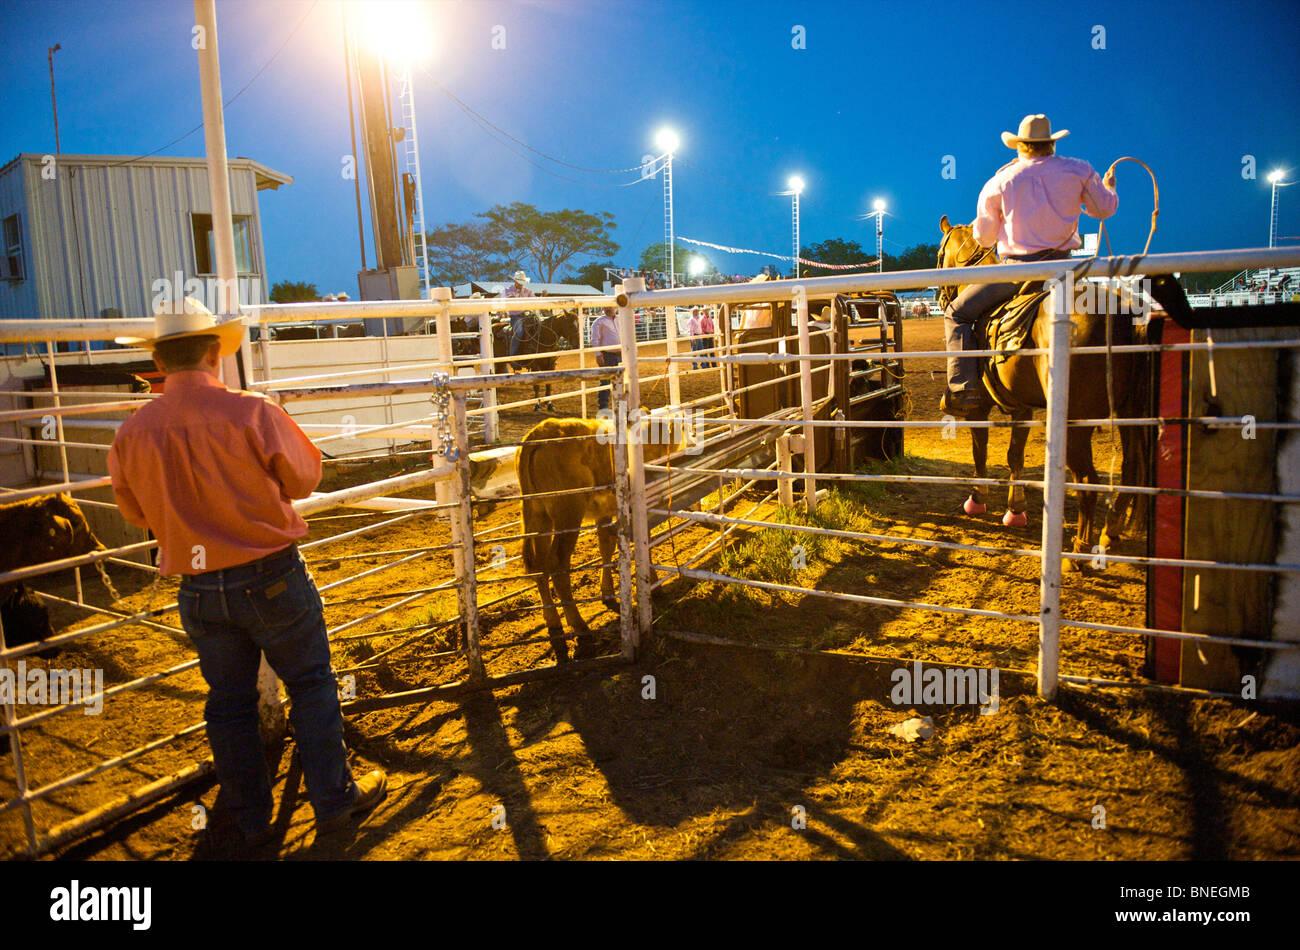 Cowboys dans une petite ville de PRCA Rodeo Bridgeport, Texas, États-Unis Banque D'Images